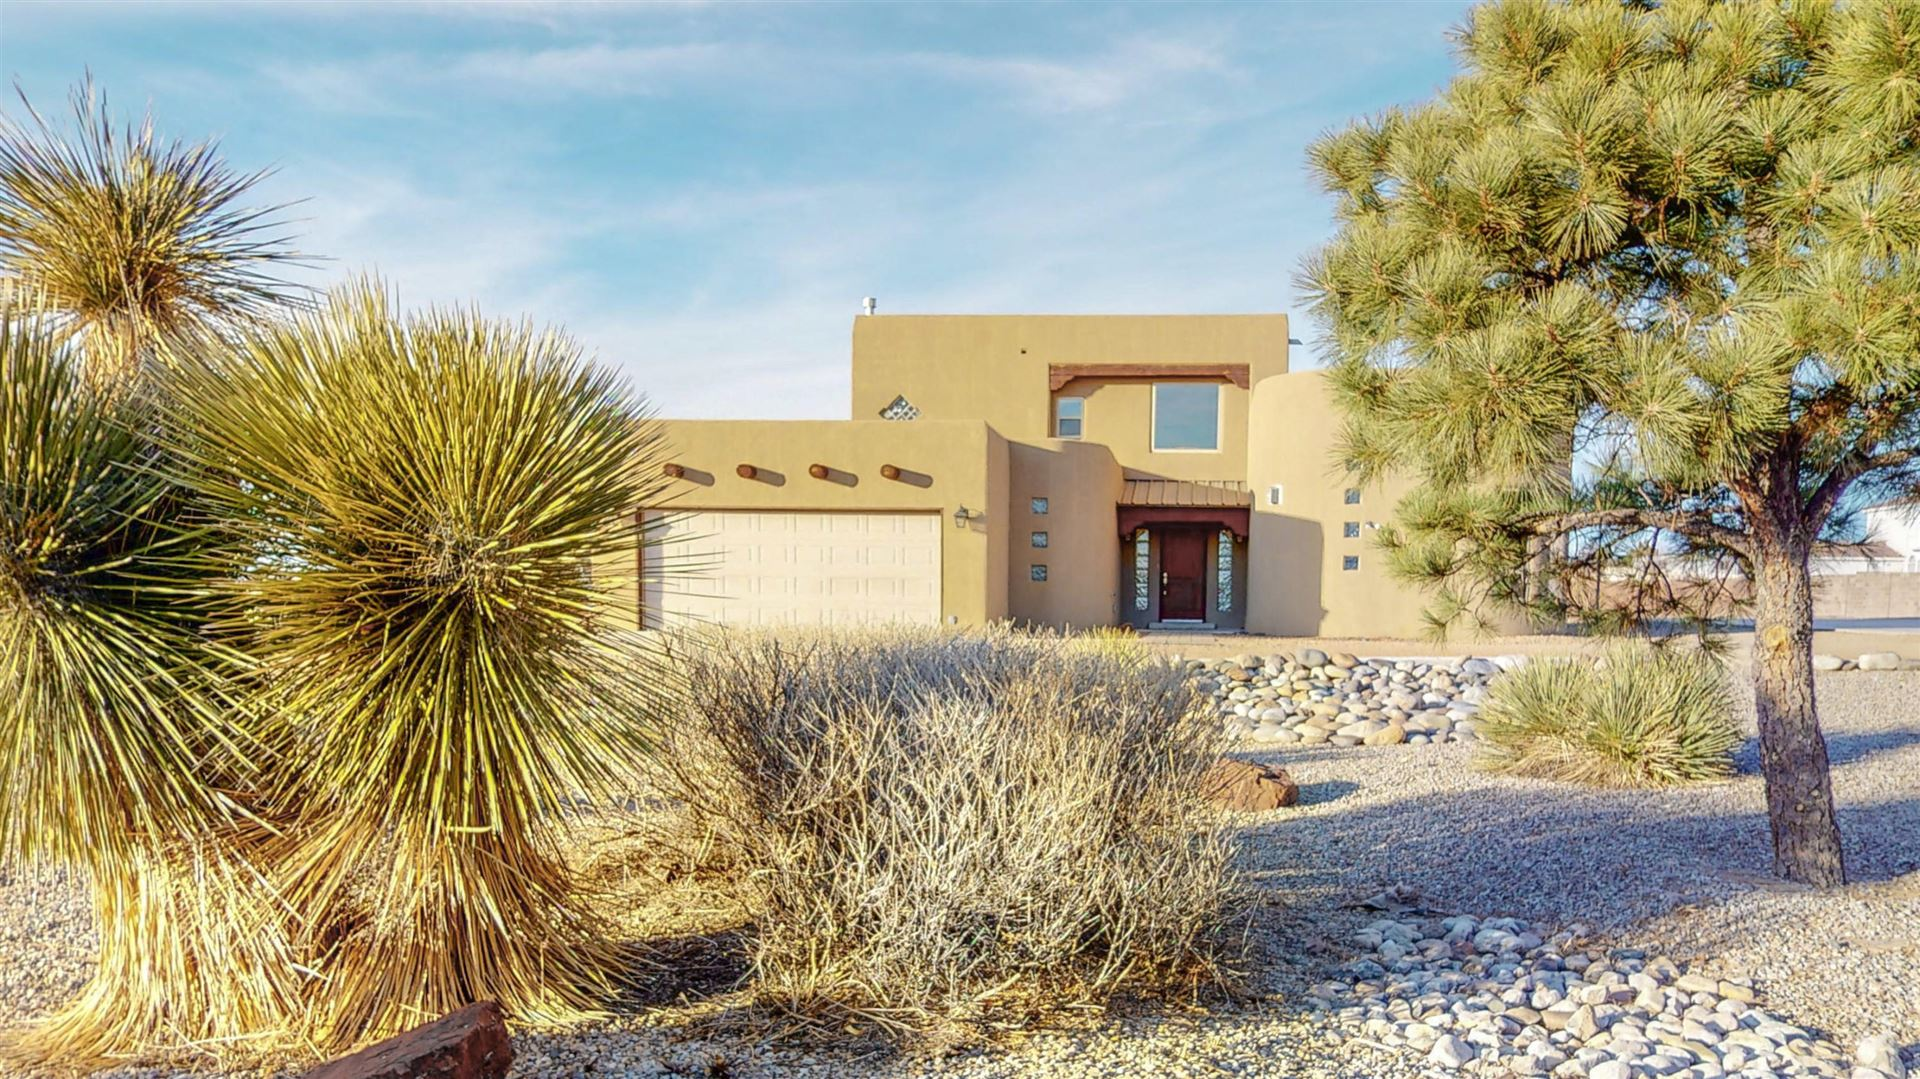 7121 BEVERLY HILLS Avenue NE, Albuquerque, NM 87113 - MLS#: 985441